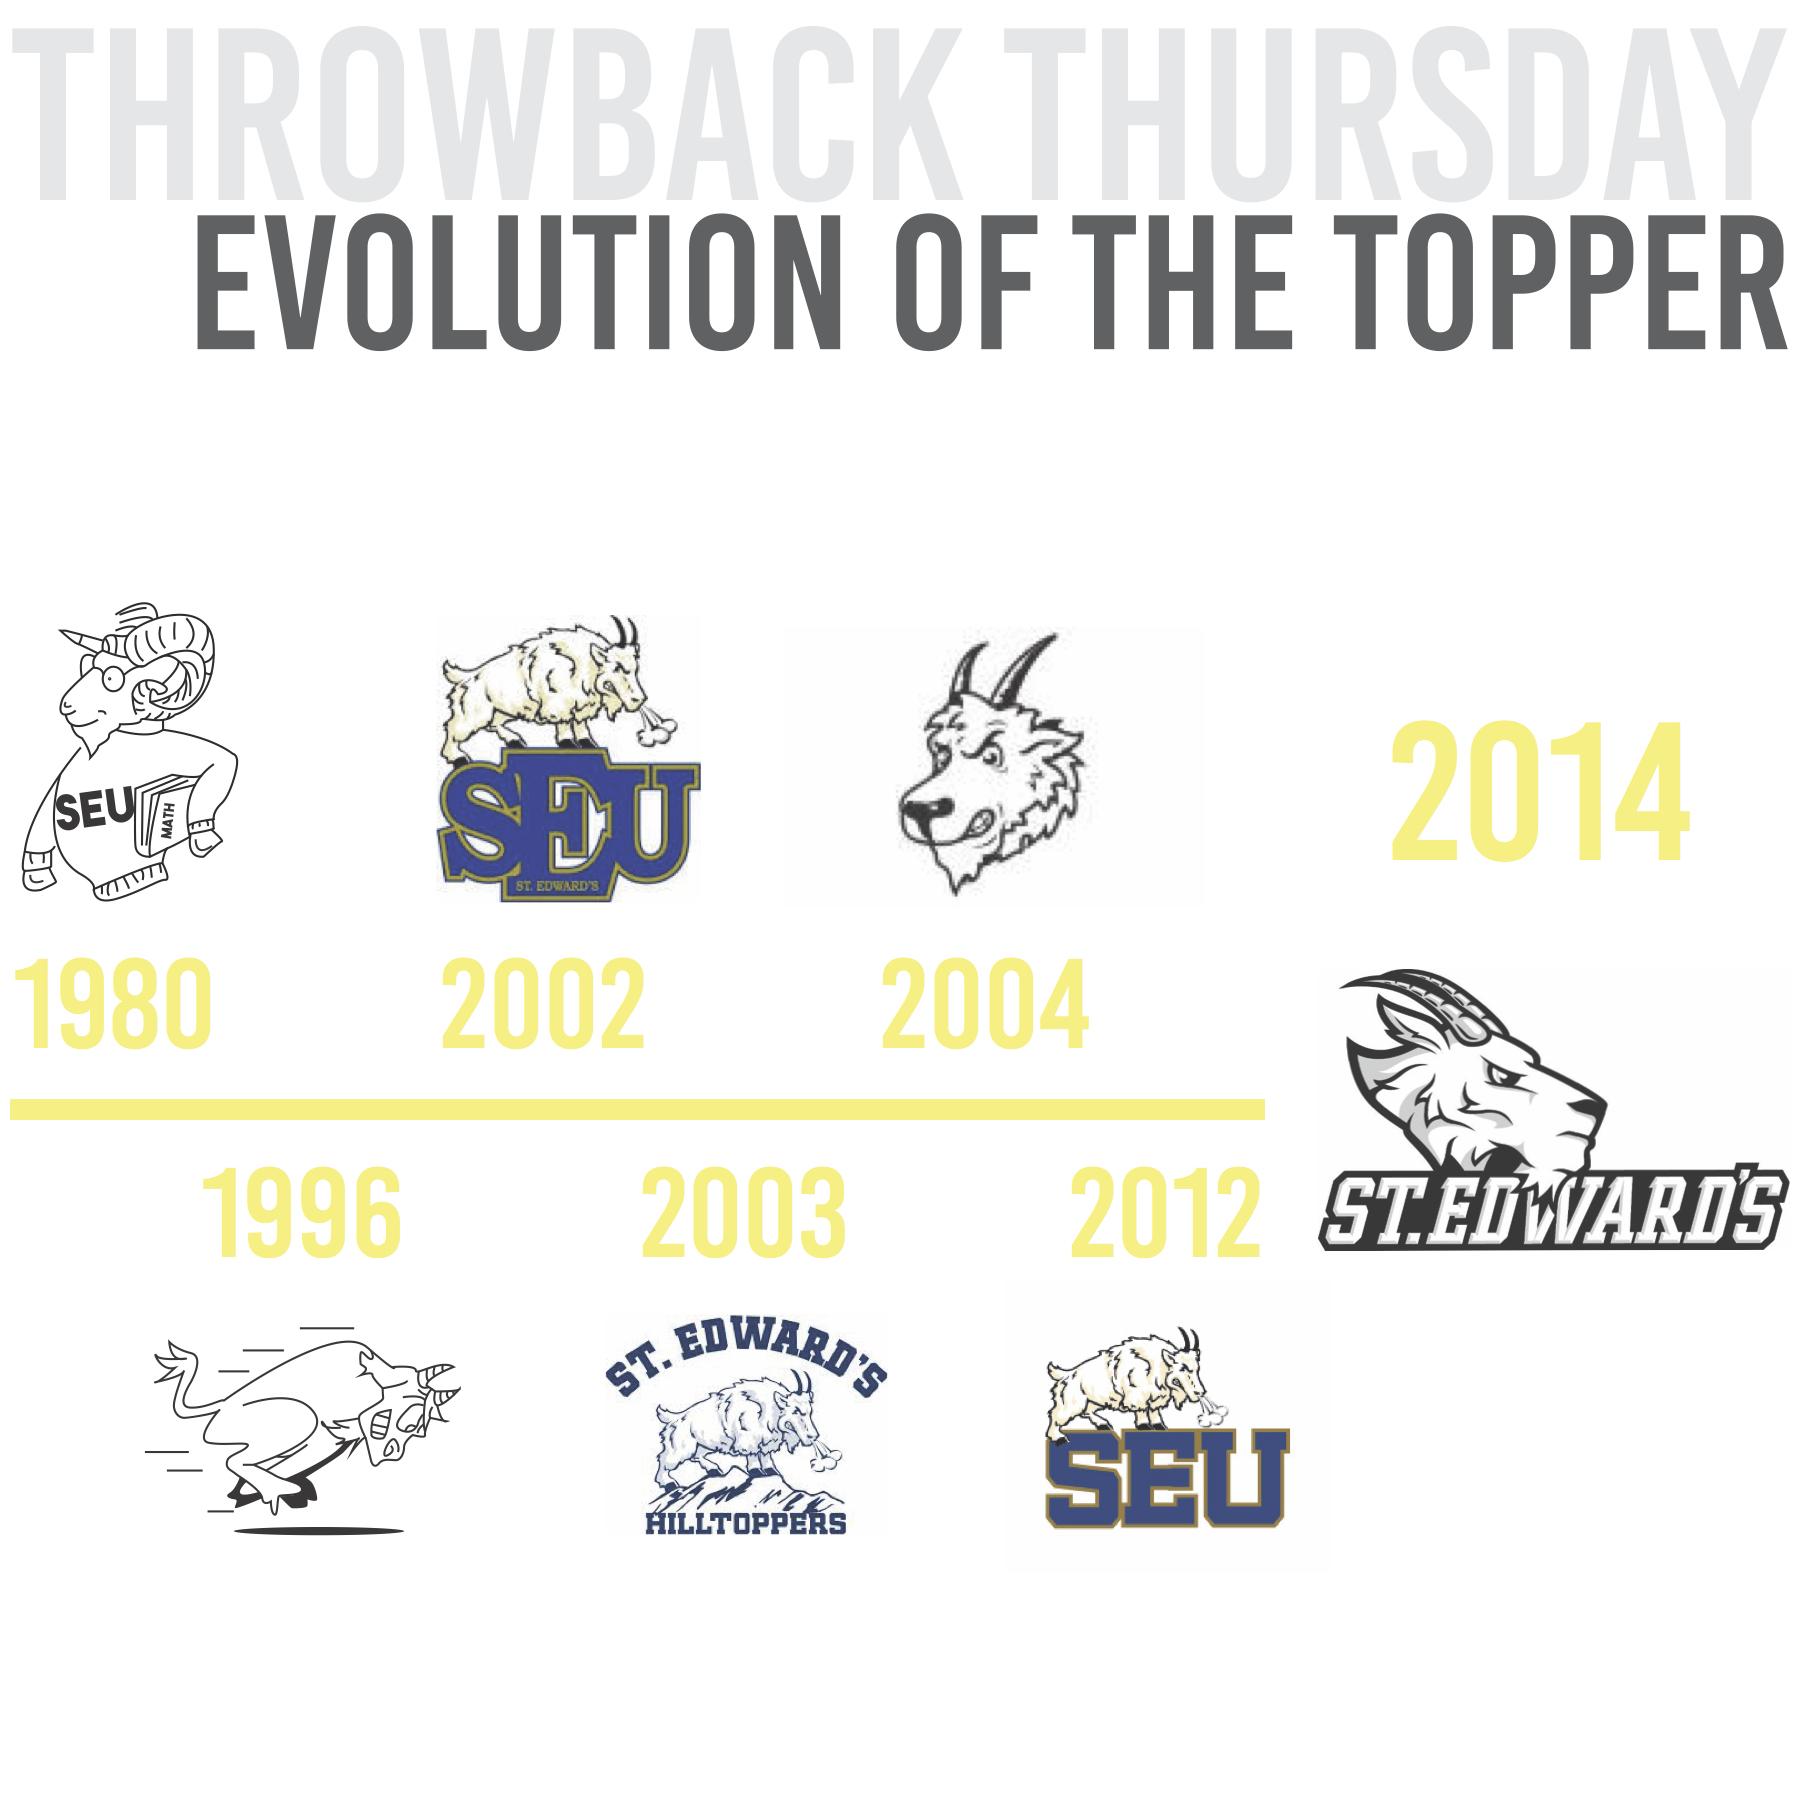 Evolution of Topper